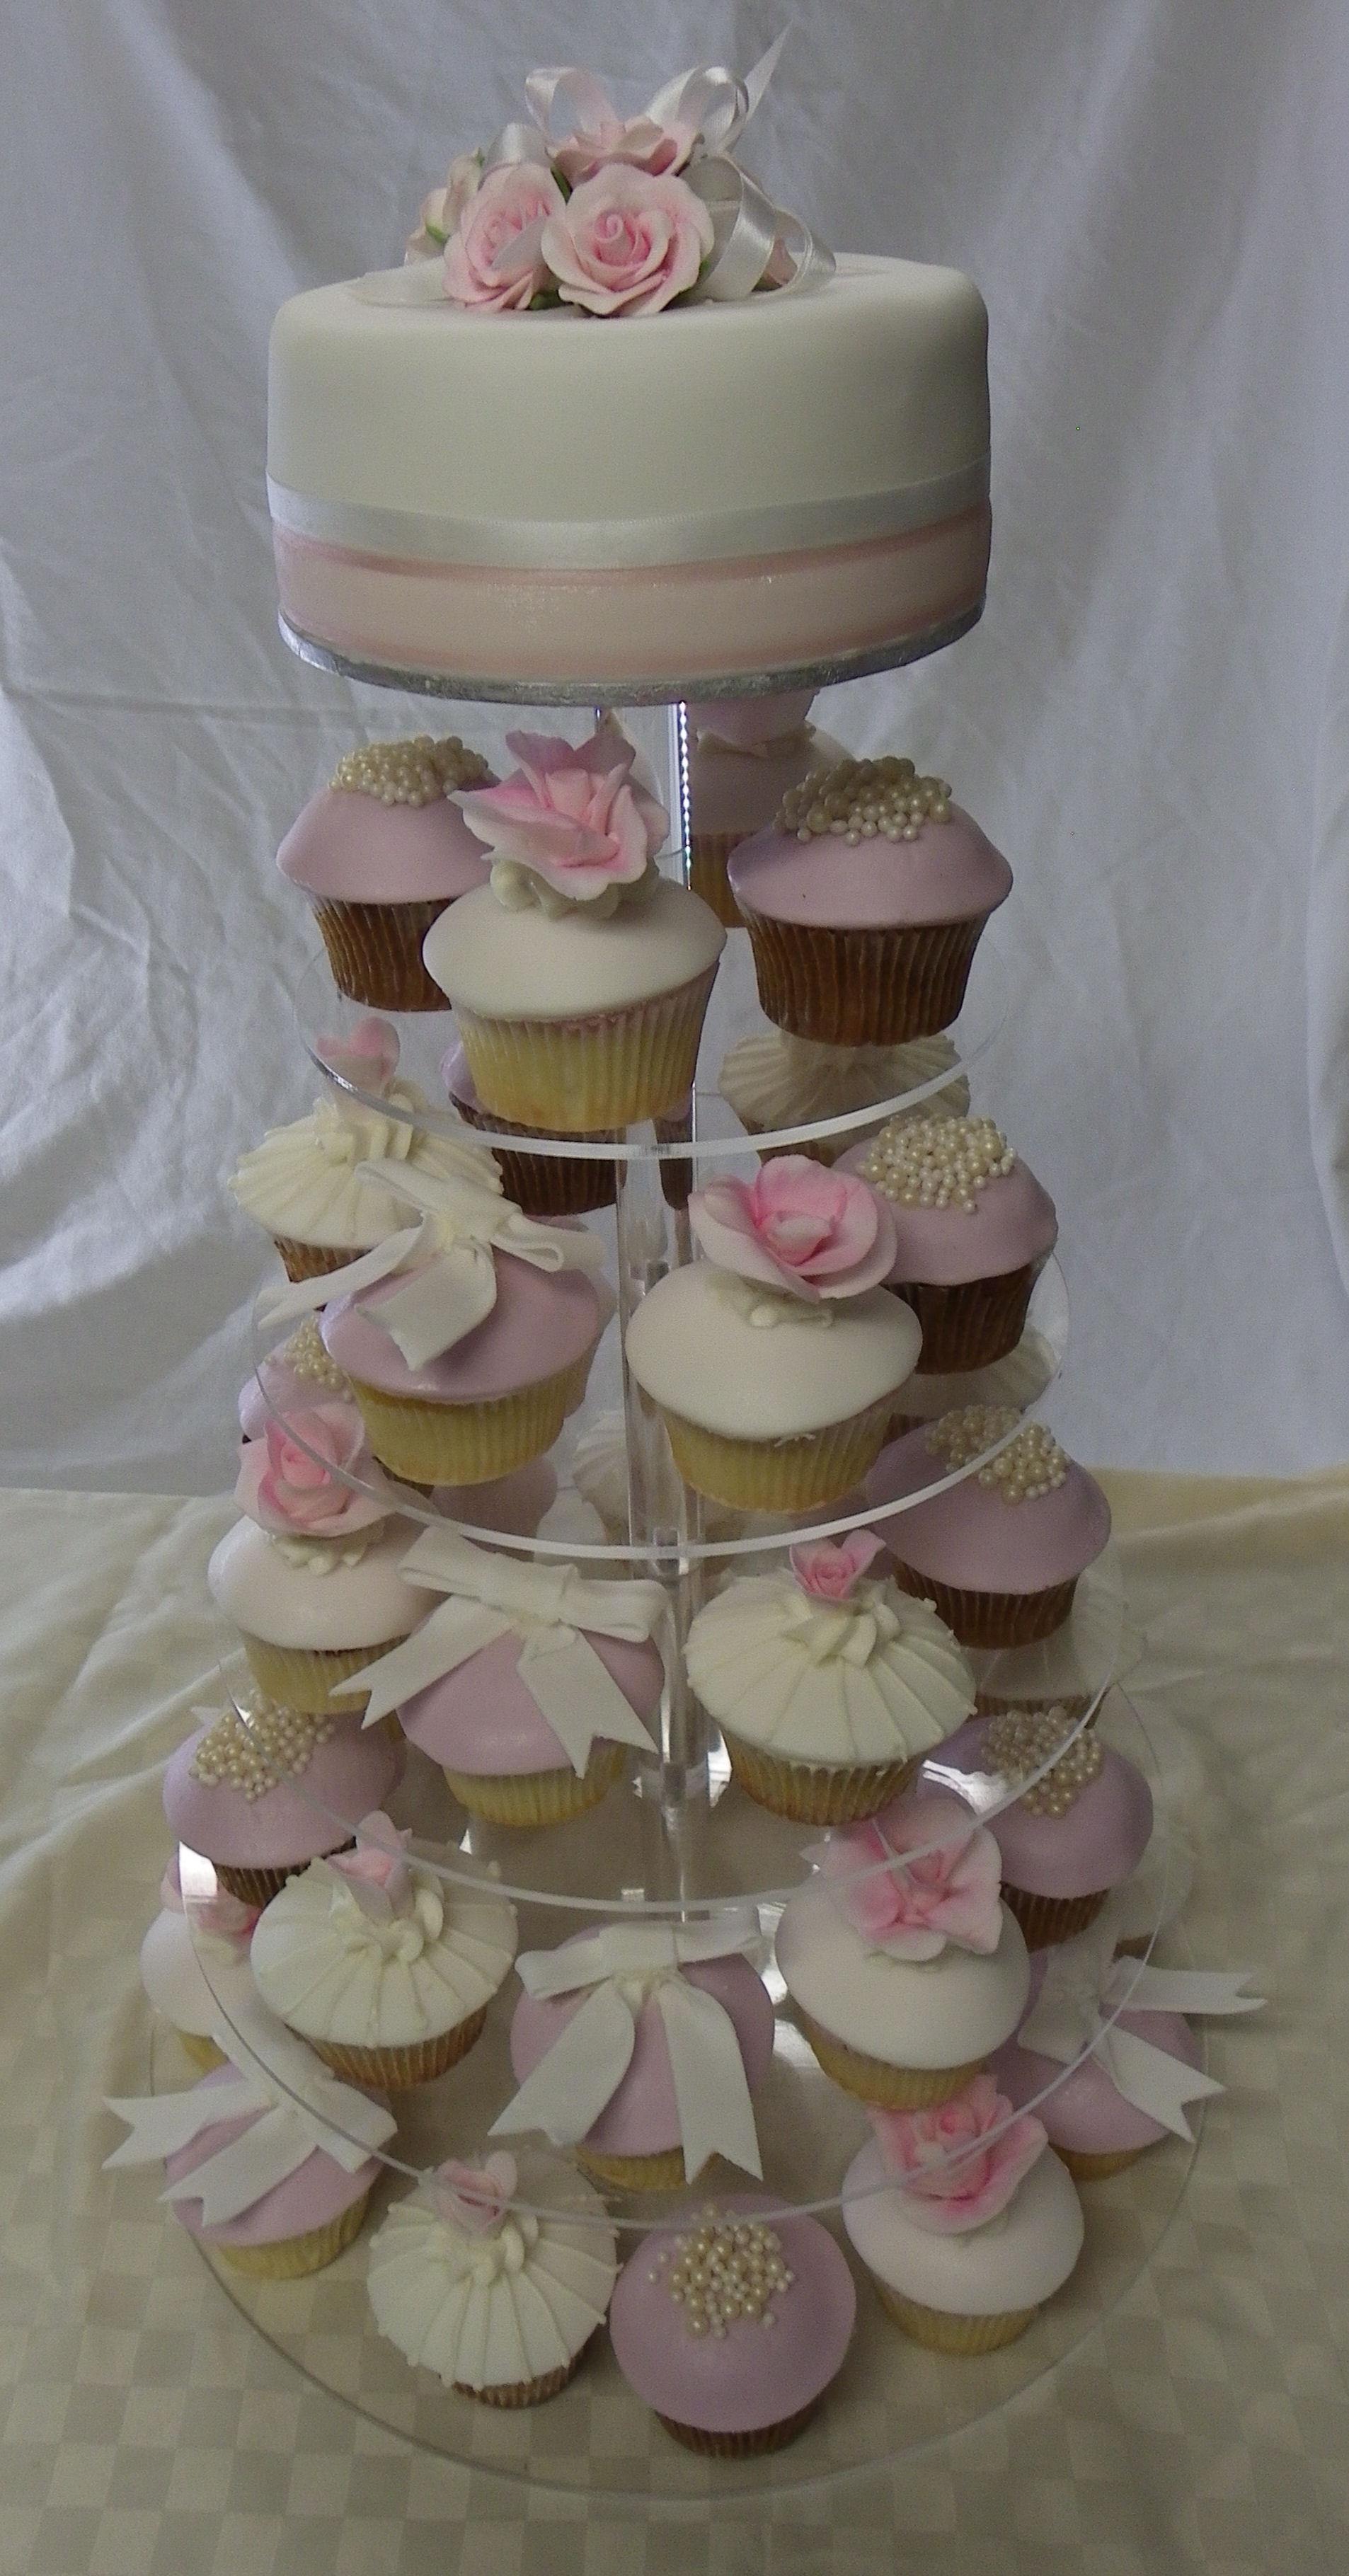 Pink rose, bows & pearls wedding cake